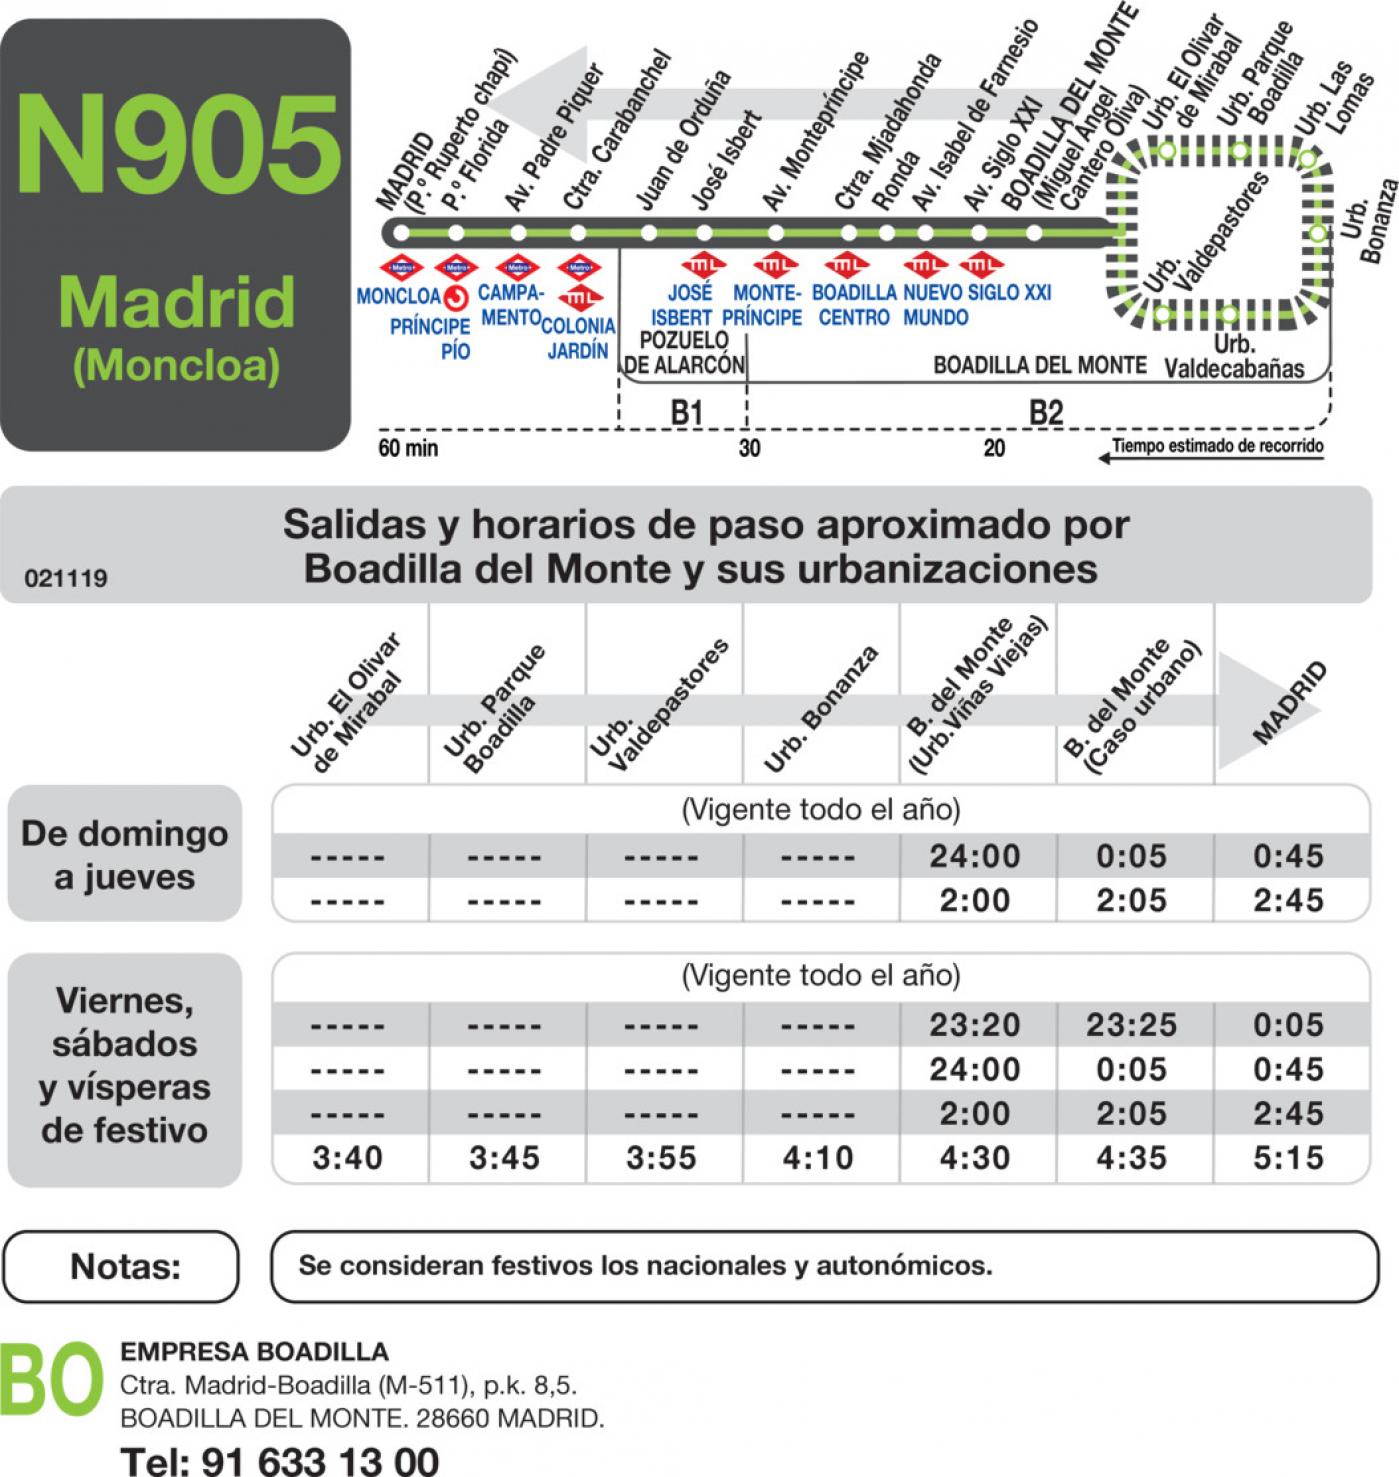 Tabla de horarios y frecuencias de paso en sentido vuelta Línea N-905: Madrid (Moncloa) - Boadilla del Monte